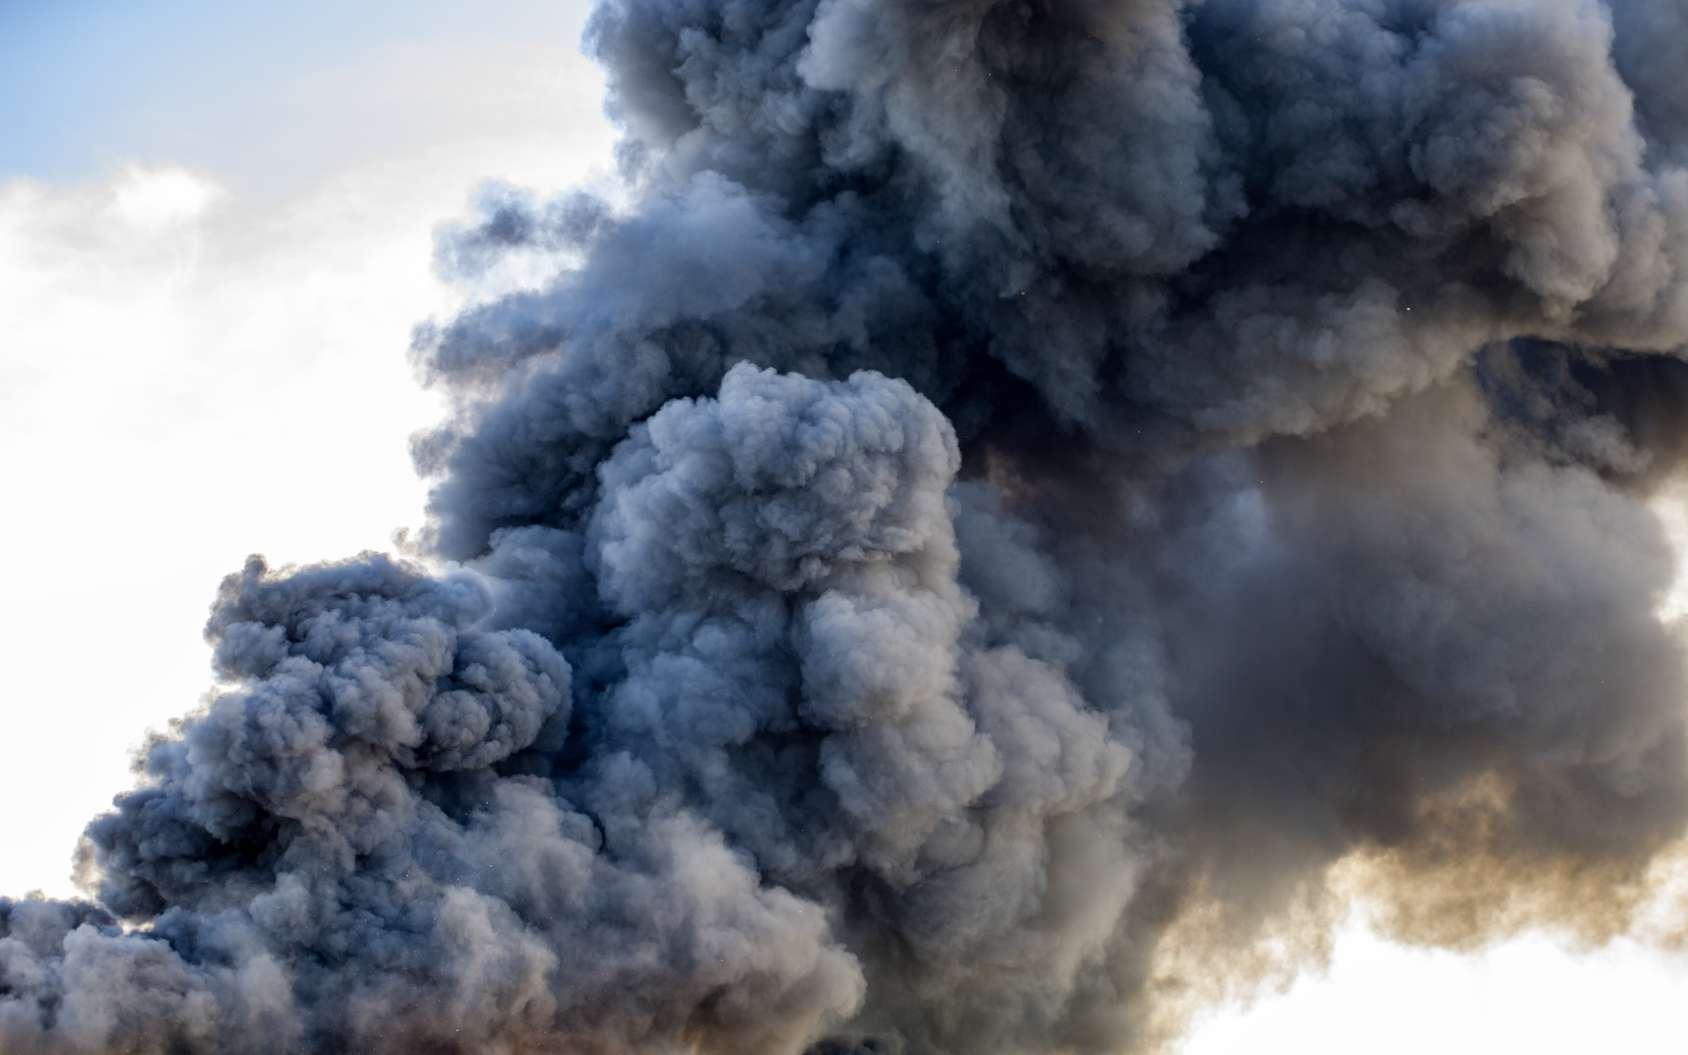 Les incendies de forêt géants dégagent une fumée aux caractéristiques proches de celle du panache d'une explosion nucléaire. © leszekglasner, Fotolia